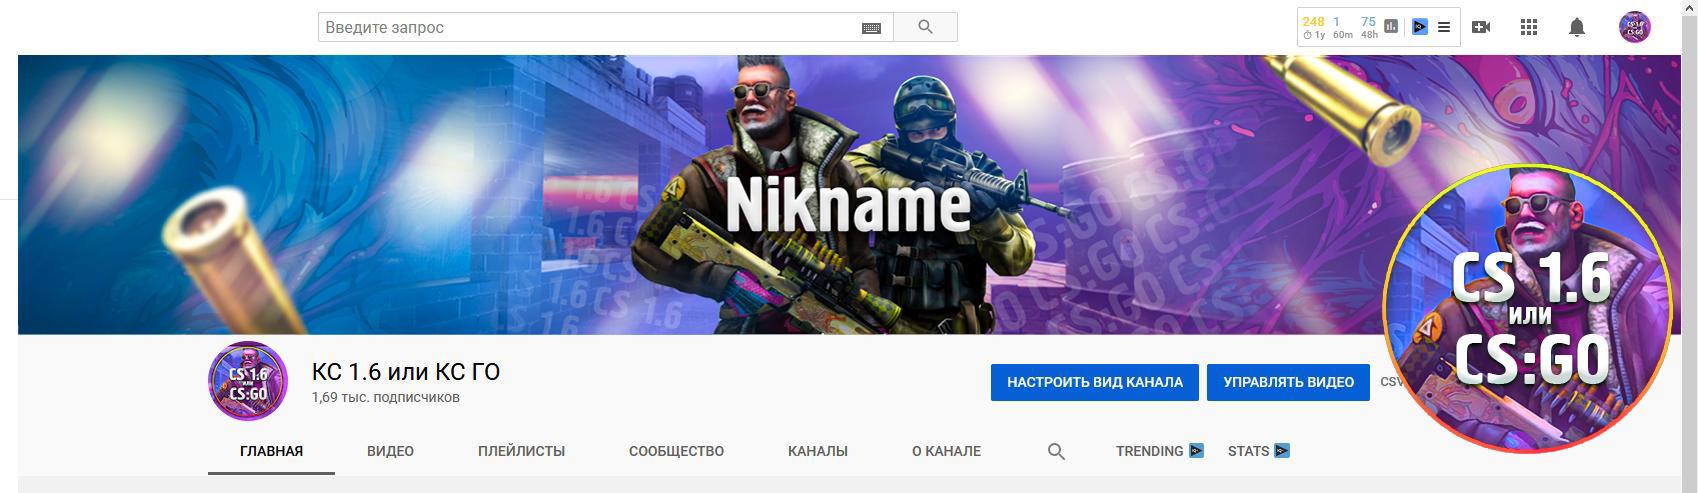 Купить PSD* Шапка и аватарка для Ютуб канала